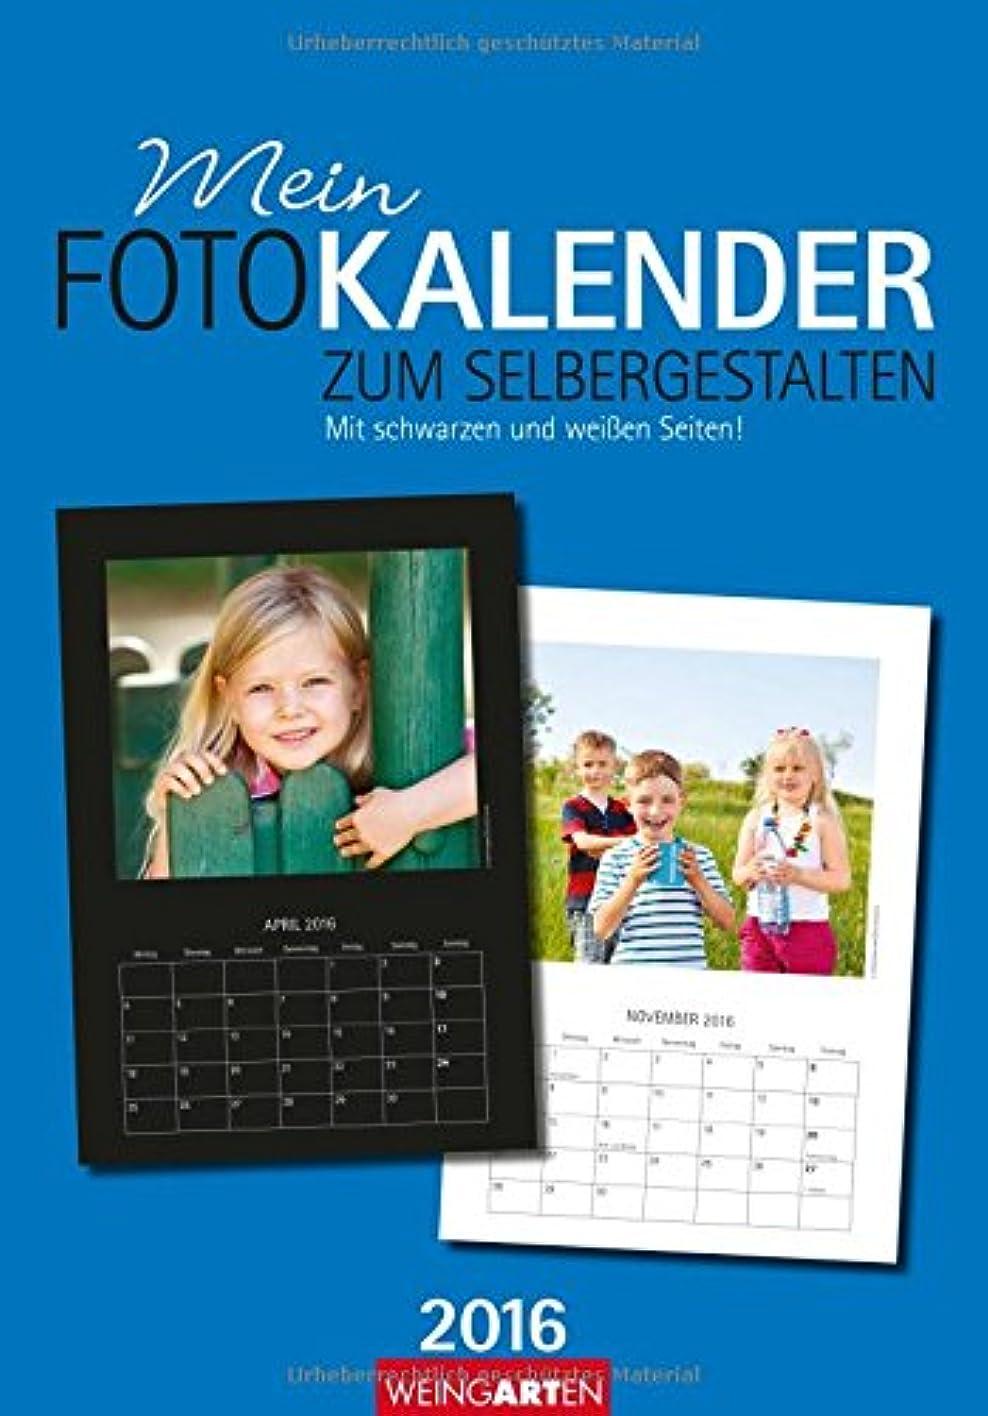 ネイティブ珍しい適応的Fotokalender zum Selbergestalten 2016. Mit schwarzen und wei??en Seiten